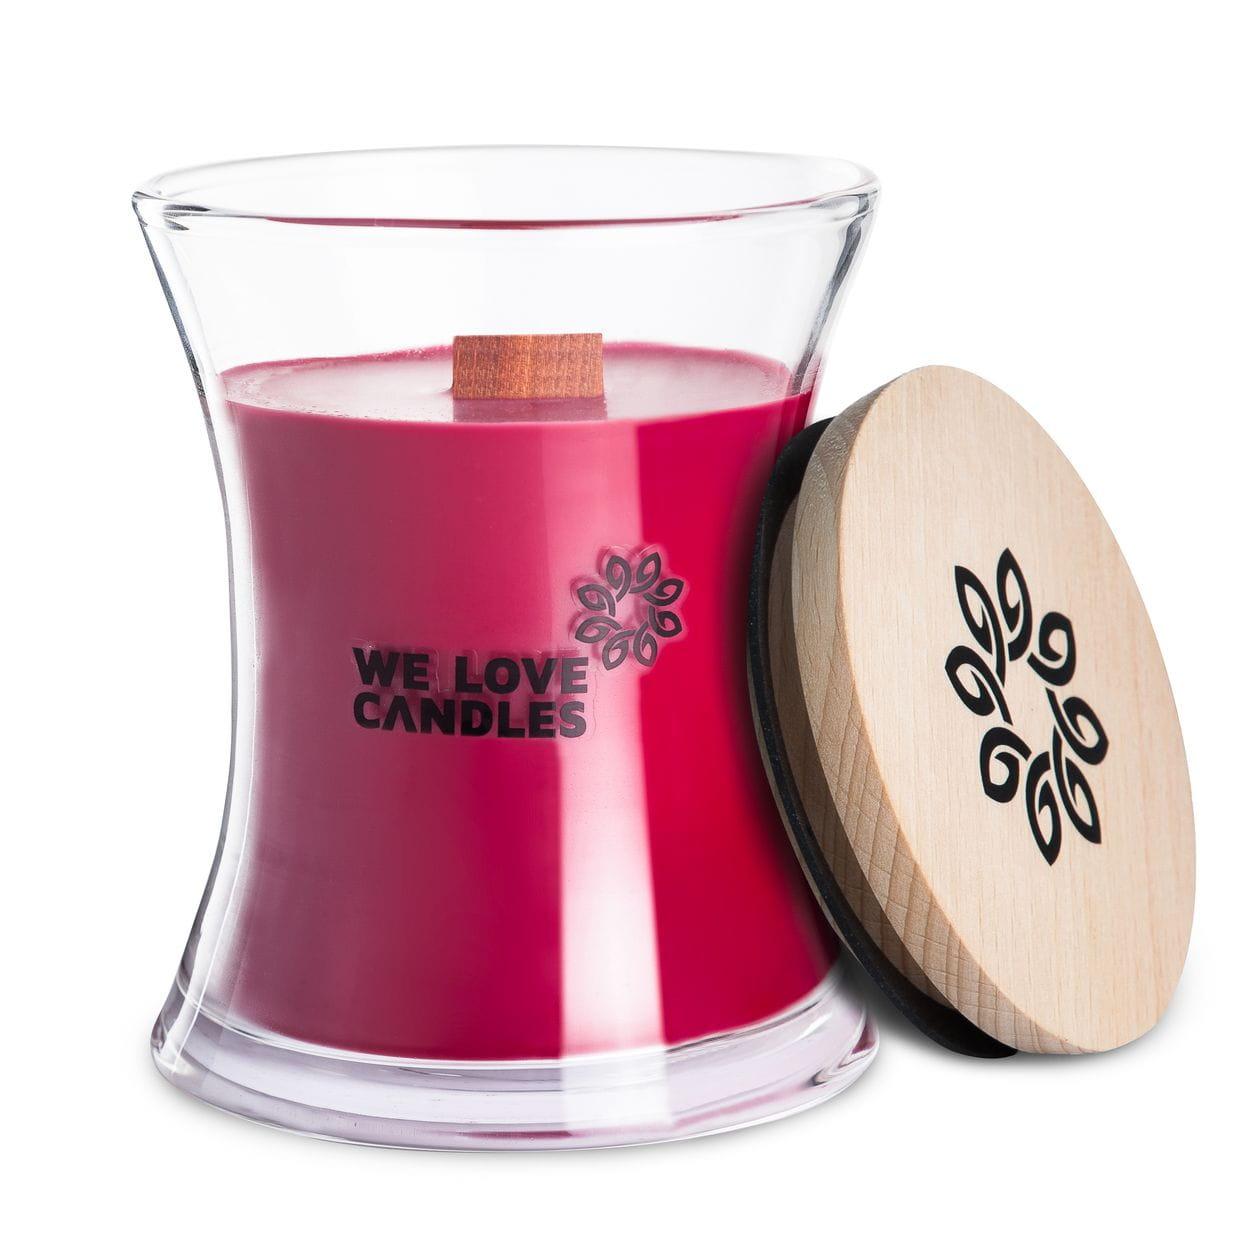 Kolekcja BASIC to sojowe świece zapachowe o soczystych kolorach i intensywnych, naturalnych zapachach inspirowanych codziennymi, prostymi przyjemnościami jakie niesie ze sobą życie. Świece z tej kolekcji zamknięte są w designerskie szklane pojemniki (zaprojektowane dla marki przez artystę-rzemieślnika) wytwarzane w polskiej hucie szkła. Pokrywkę stanowi drewniane wieczko, a całość dopełnia przyjemnie skwierczący w trakcie palenia drewniany knot. Dzięki prostej, ale ciekawej formie świece te stanowią niebanalny dodatek do domu, który szczególnie przypada do gustu fankom i fanom minimalizmu i życia w rytmie slow. Sweetheart Świeca Sweetheart to nasza propozycja dla romantycznych dusz. W nutach zapachowych świecy wyczujesz płatki róży oraz piżmo, które tworzą sensualną kompozycję zapachową idealną na wyjątkowe okazje. Kolor świecy kojarzy się z miłością, a jej zapach podkreśla romantyczną atmosferę chwili. Możesz ją zapalić w trakcie kolacji przy świecach, ale też zawsze gdy chcesz wprowa